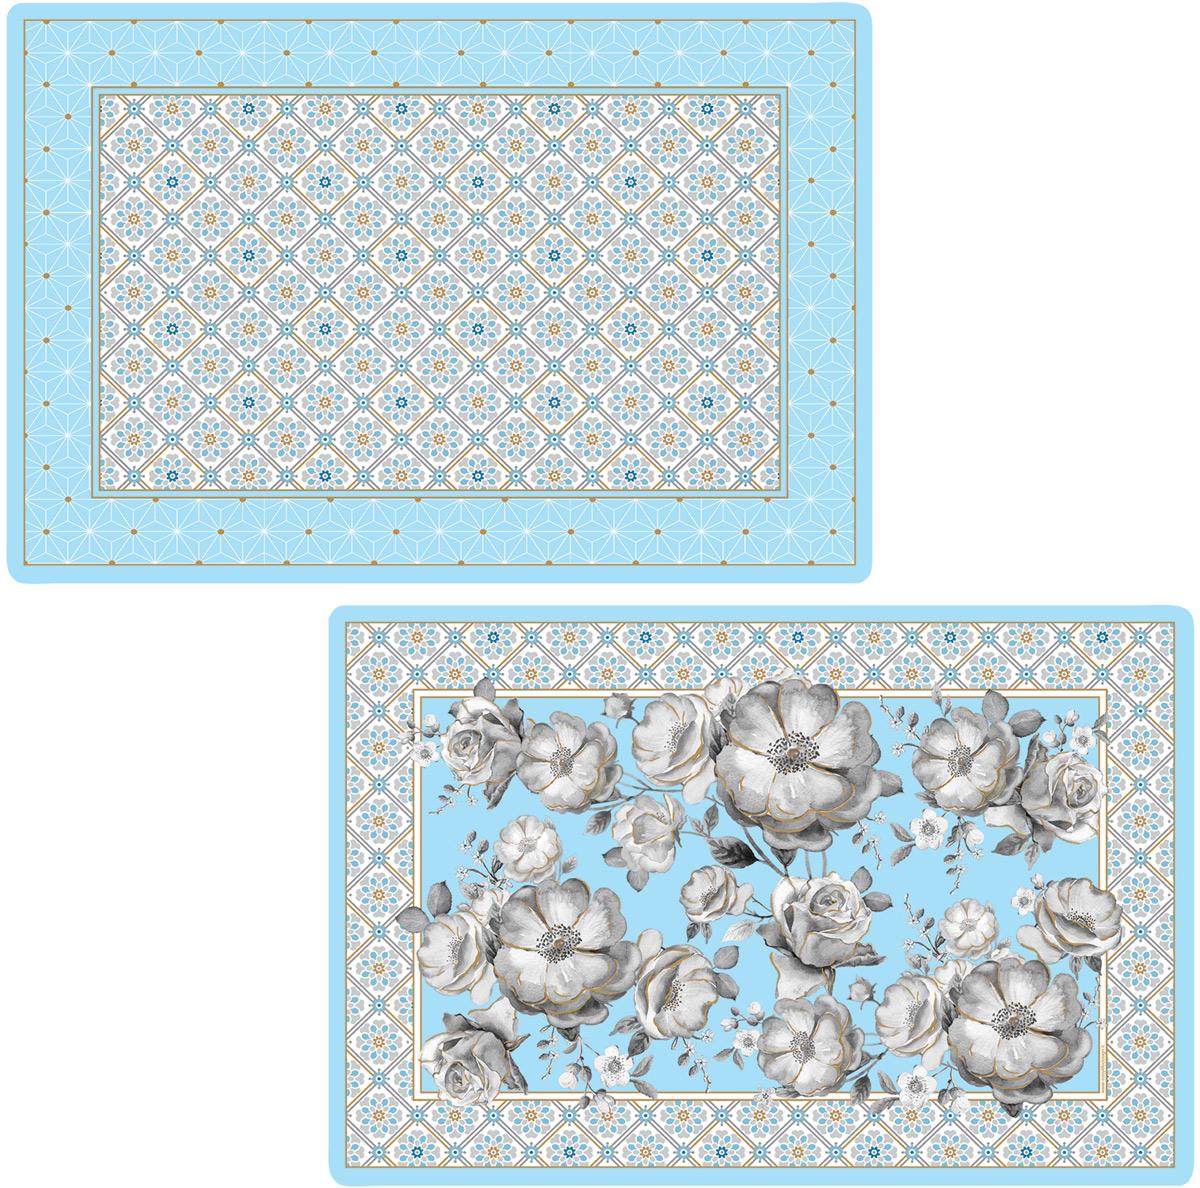 Набор салфеток под горячее Easy Life Цветовая палитра, цвет: голубой, 45 х 30 см, 4 штEL-R0172/TCLIНабор Easy Life Цветовая палитра, состоящий из 4 салфетокпод горячее, идеально впишется в интерьерсовременной кухни.Салфетки, выполненные изпластика, невпитывают влагу, легко моются, выдерживают температуру до 100°С. Каждая хозяйка знает, что салфетка под горячее -это незаменимый и очень полезный аксессуар накаждой кухне. Ваш стол будет не только украшеноригинальной салфеткой, но и сбережен отвоздействия высоких температур ваших кулинарныхшедевров. Размер салфетки: 45 см х 30 см. Итальянская компания Easy Life (Nuova R2S) - является лидером производства кухонной посуды и аксессуаров для дома в Италии. Центральныйофис компании находится в Италии, производство расположено в Италии и Китае. Концепция выпускаемой продукции заключается в создании единой дизайнерской линии предметов сервировки стола, оформленияинтерьера кухни или столовой комнаты. Вся продукция производится из современных и экологически чистых материалов: фарфора, стекла,пластика идерева. Продукция компании Easy Life (Nuova R2S) отличается современным дизайном, и легкостью в эксплуатации. Компания работает в тесномсотрудничестве с лучшими итальянскими художниками и дизайнерами.